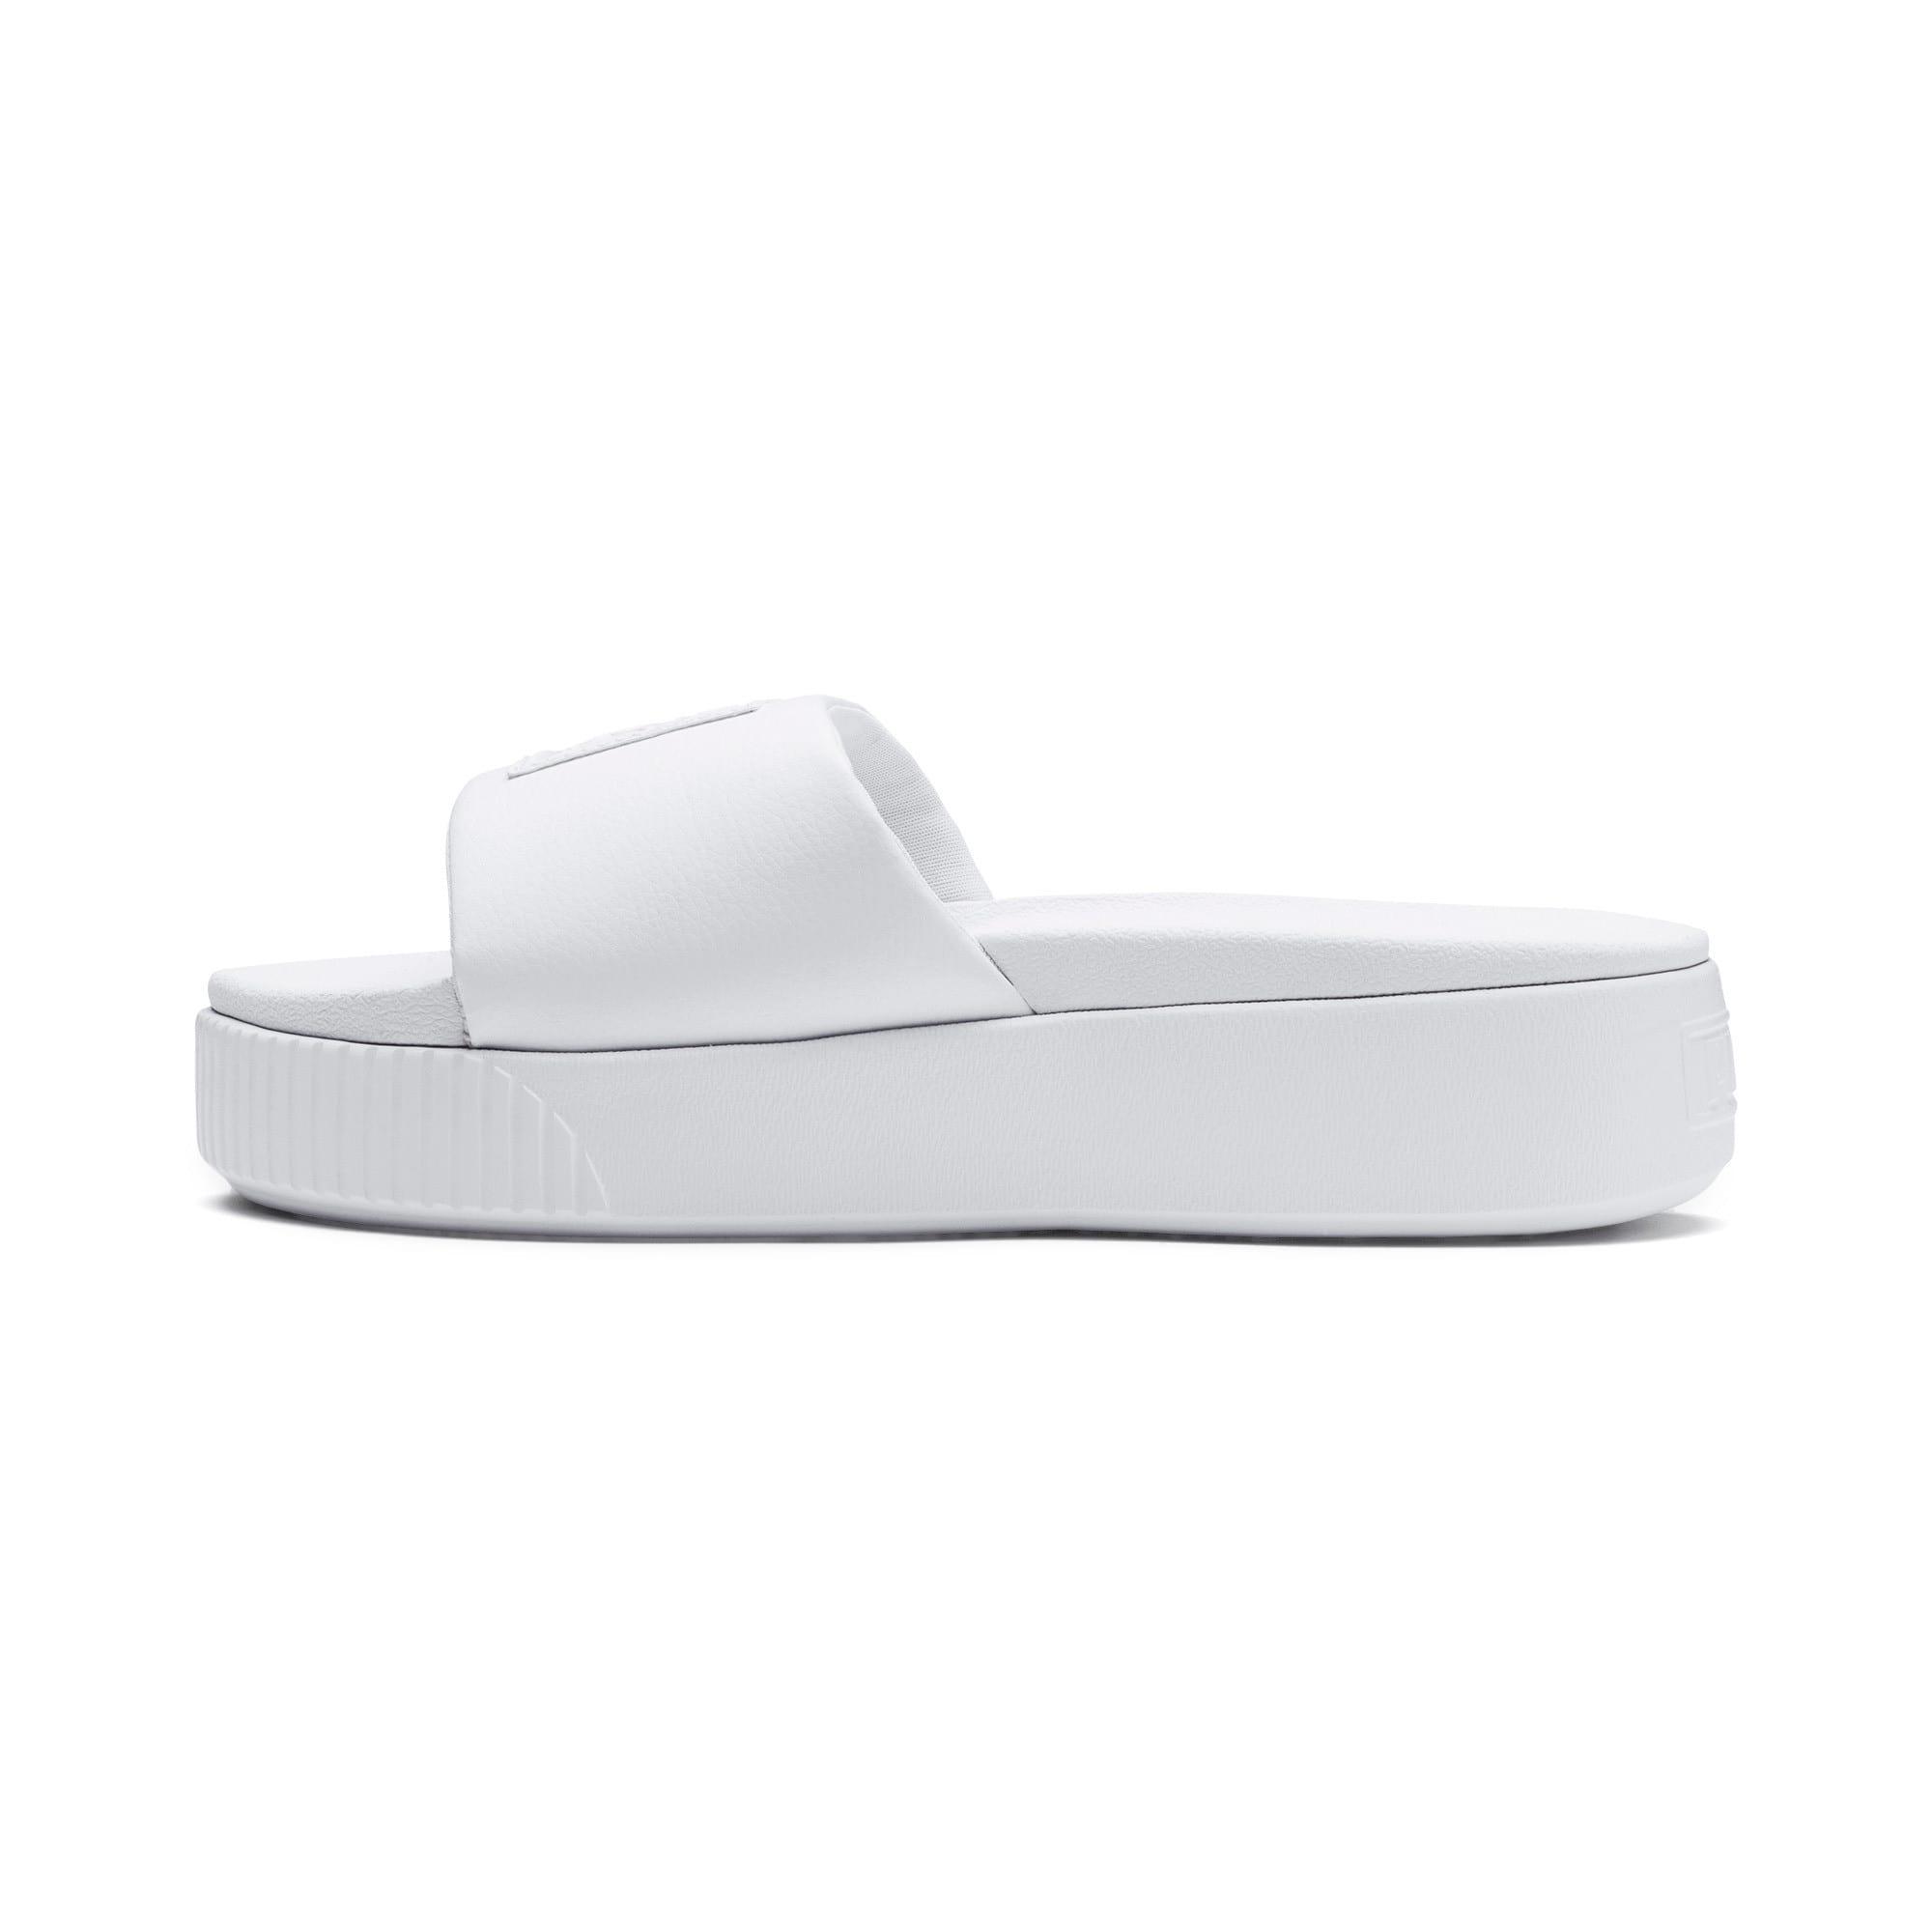 Miniatura 1 de Sandalias con plataforma Slide para mujer, Puma White-Puma White, mediano